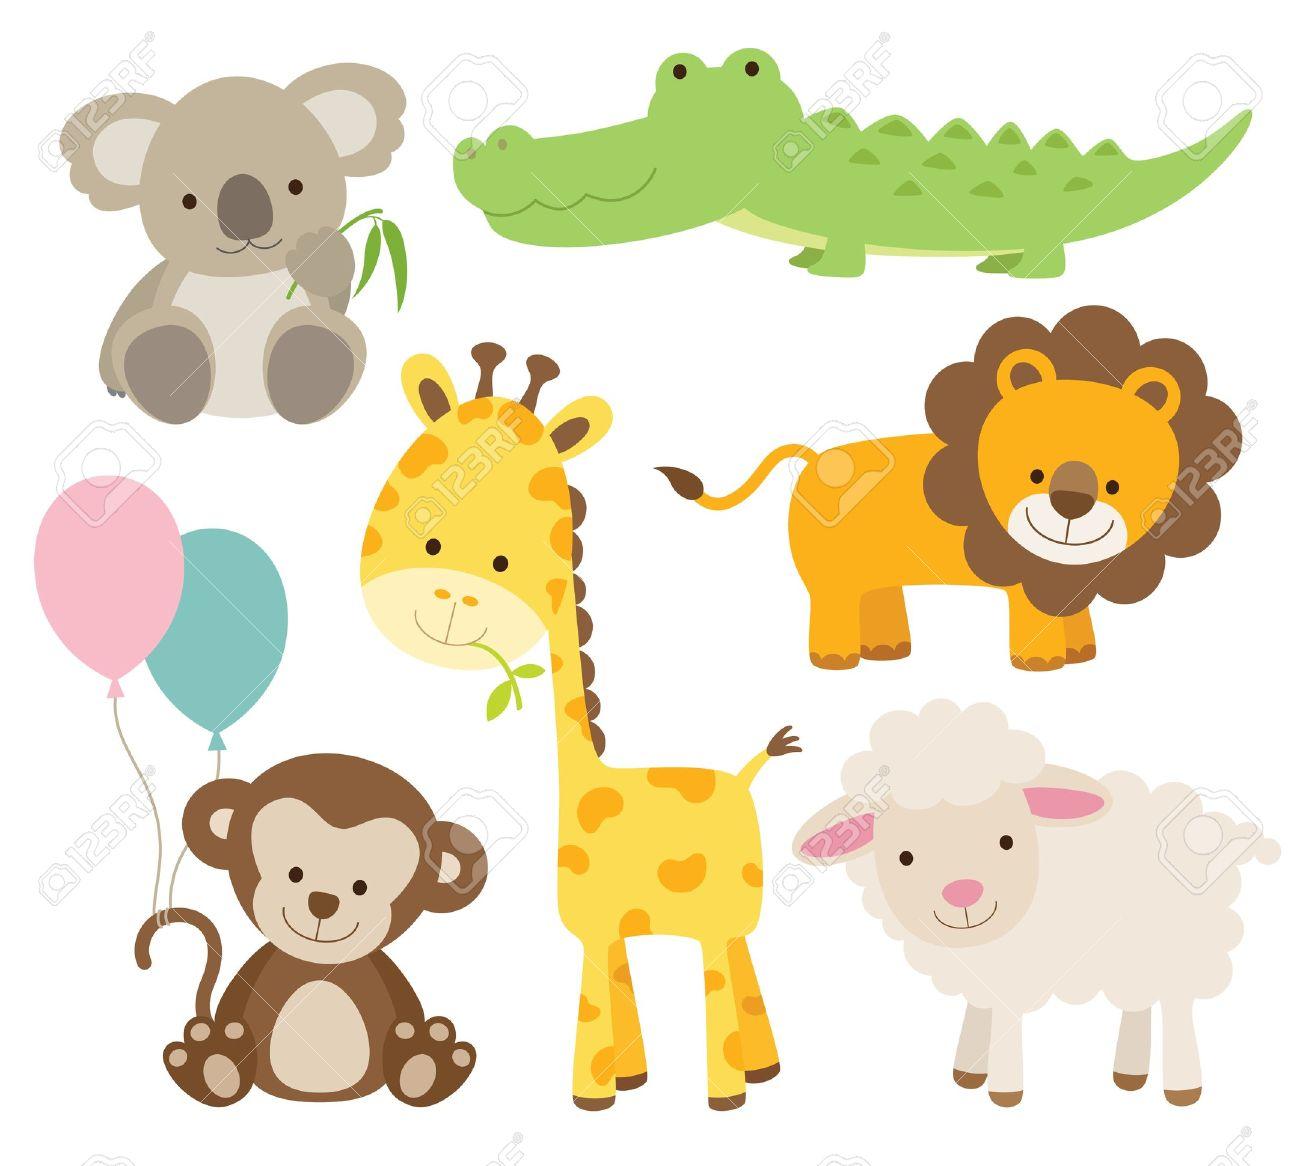 かわいい動物セット コアラ、ワニ、キリン、サル、ライオン、羊などの